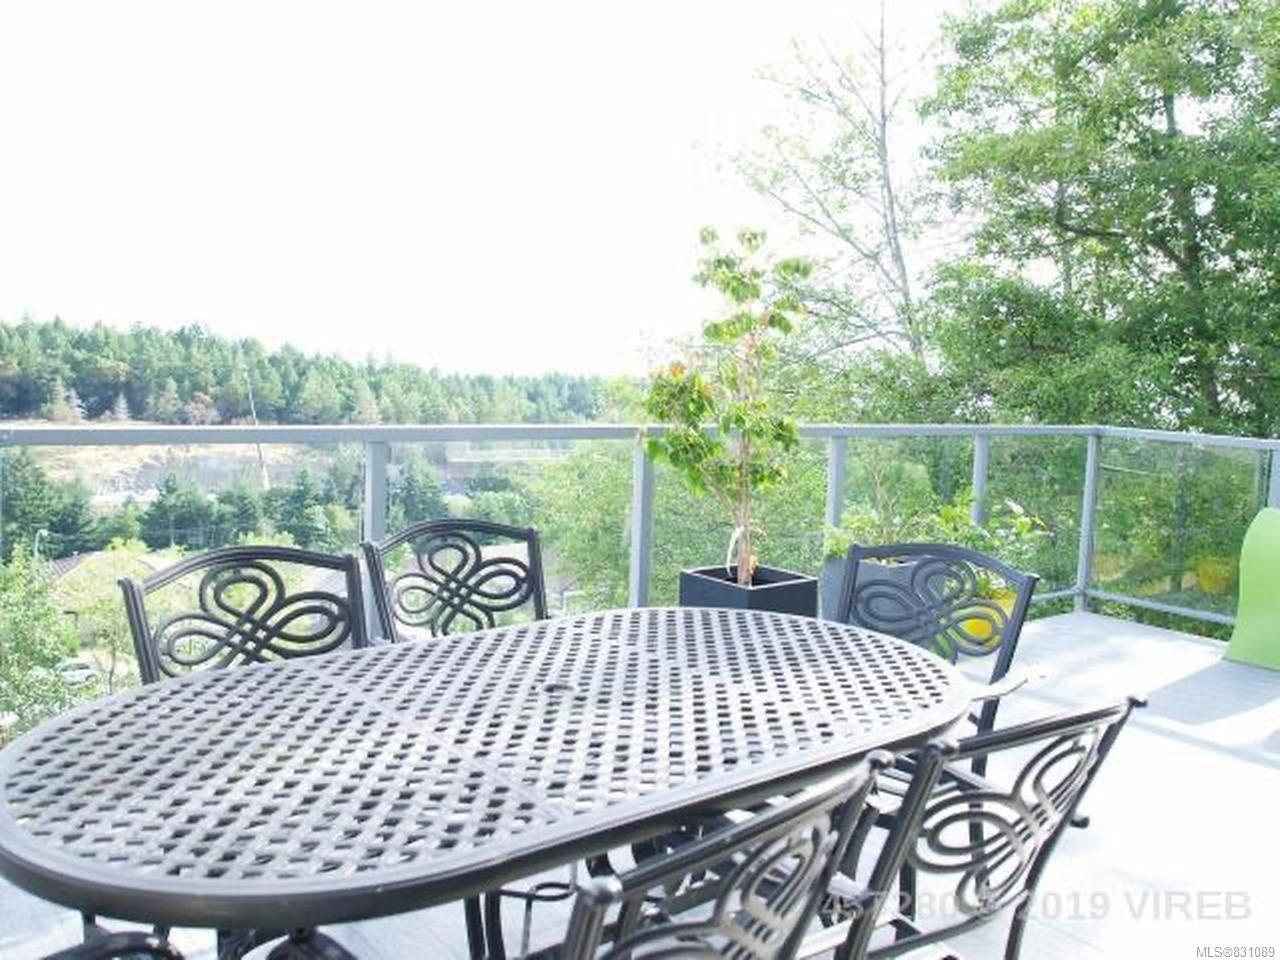 Photo 19: Photos: 4534 Laguna Way in NANAIMO: Na North Nanaimo House for sale (Nanaimo)  : MLS®# 831089